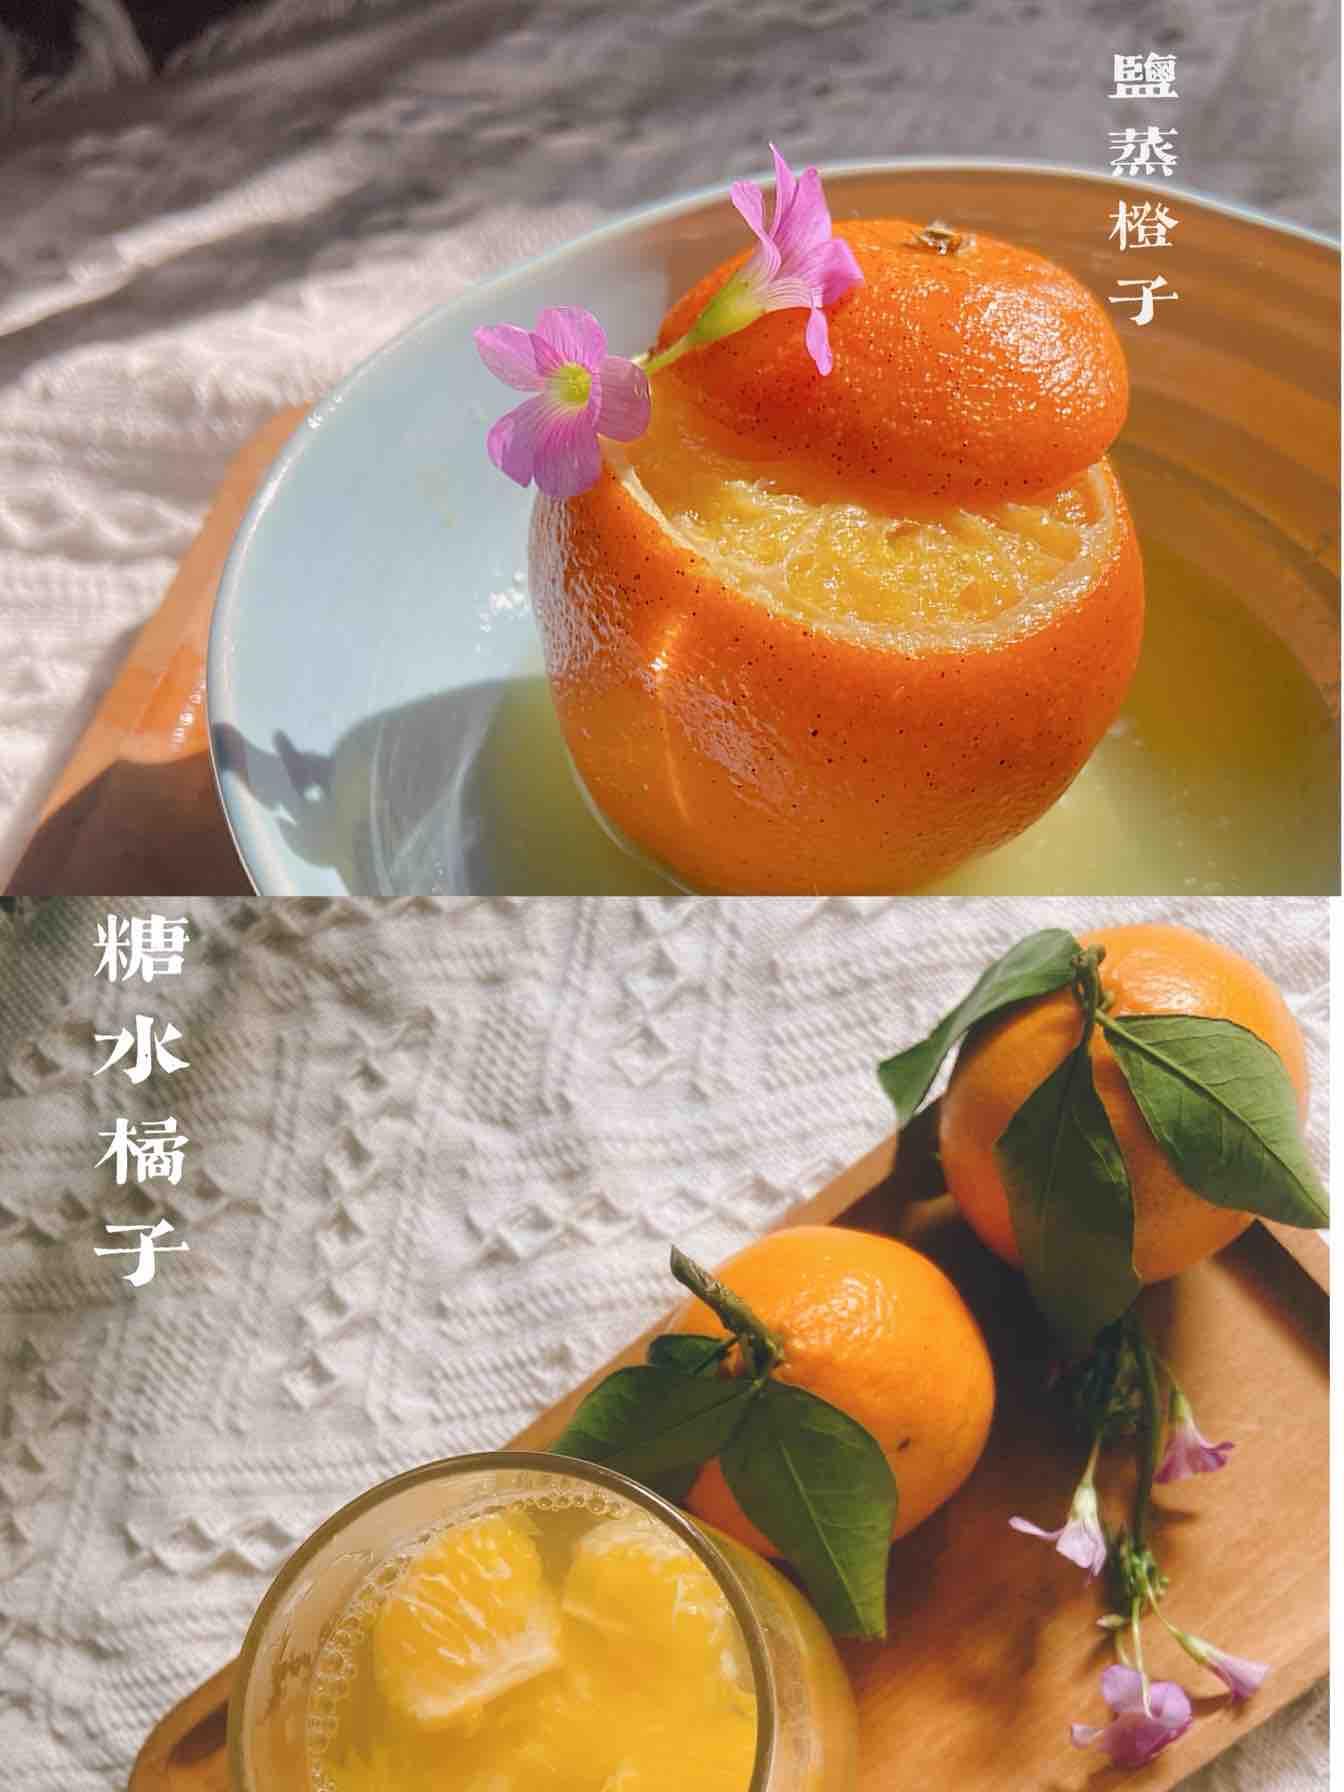 天冷,水果要热着吃——盐蒸橙子&糖水橘子